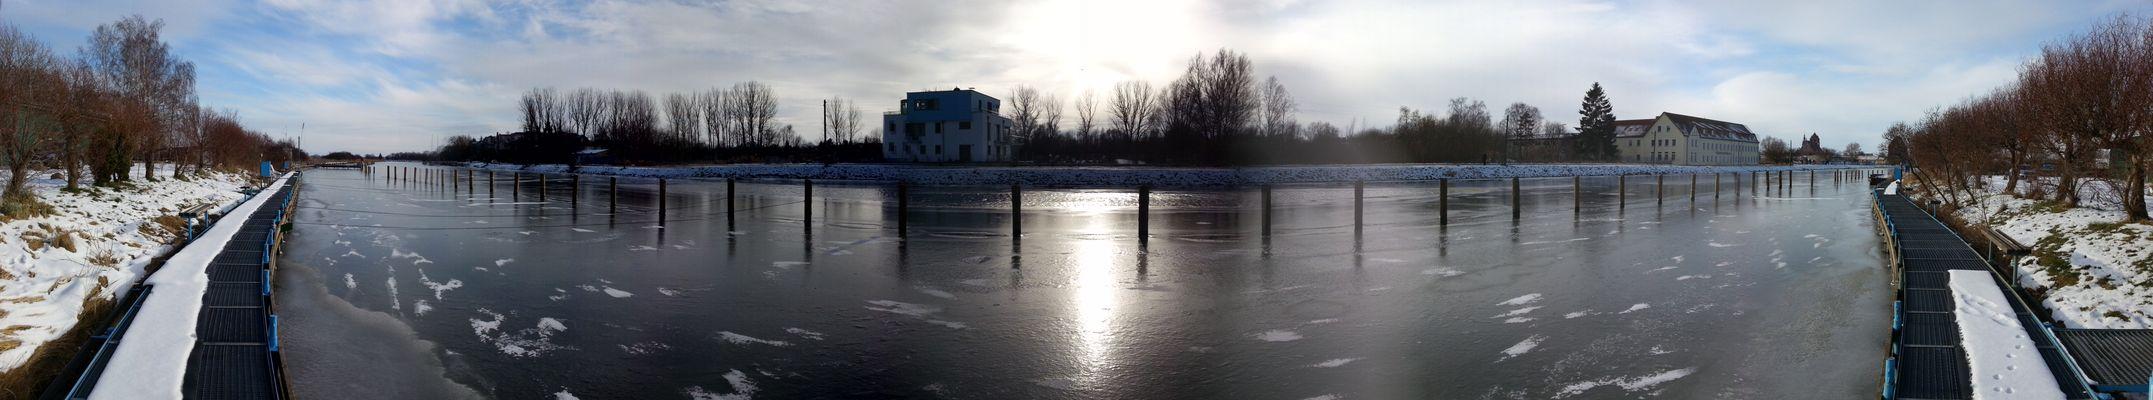 panorama_winter_1.jpg